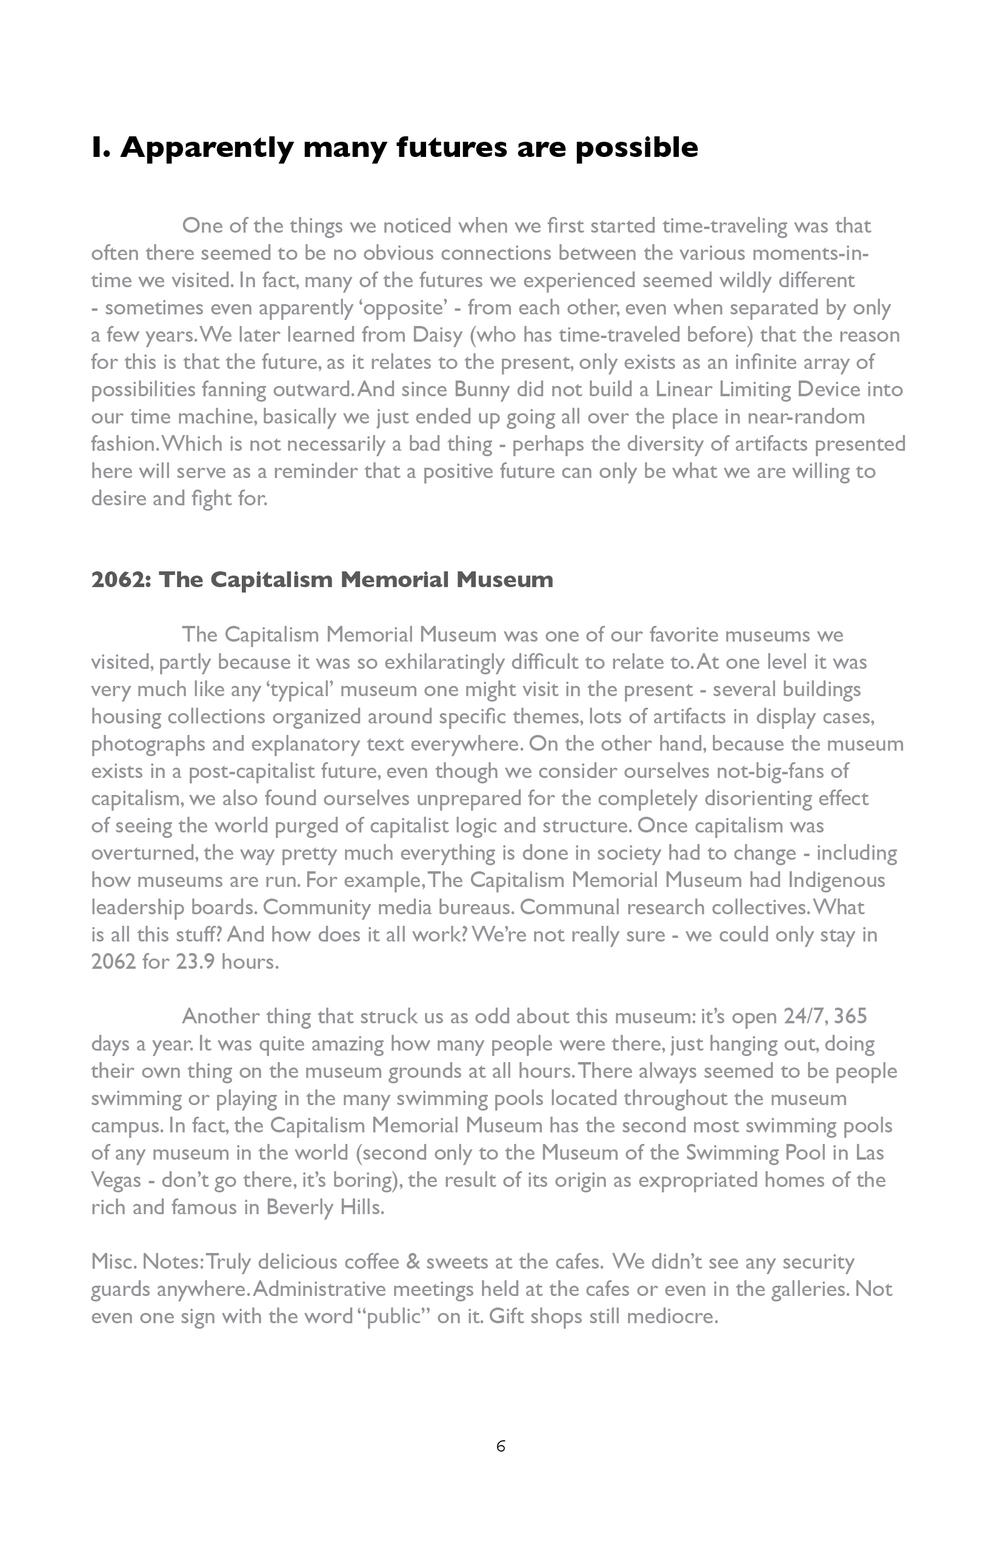 20100724_futuremuseumsreport_06.jpg